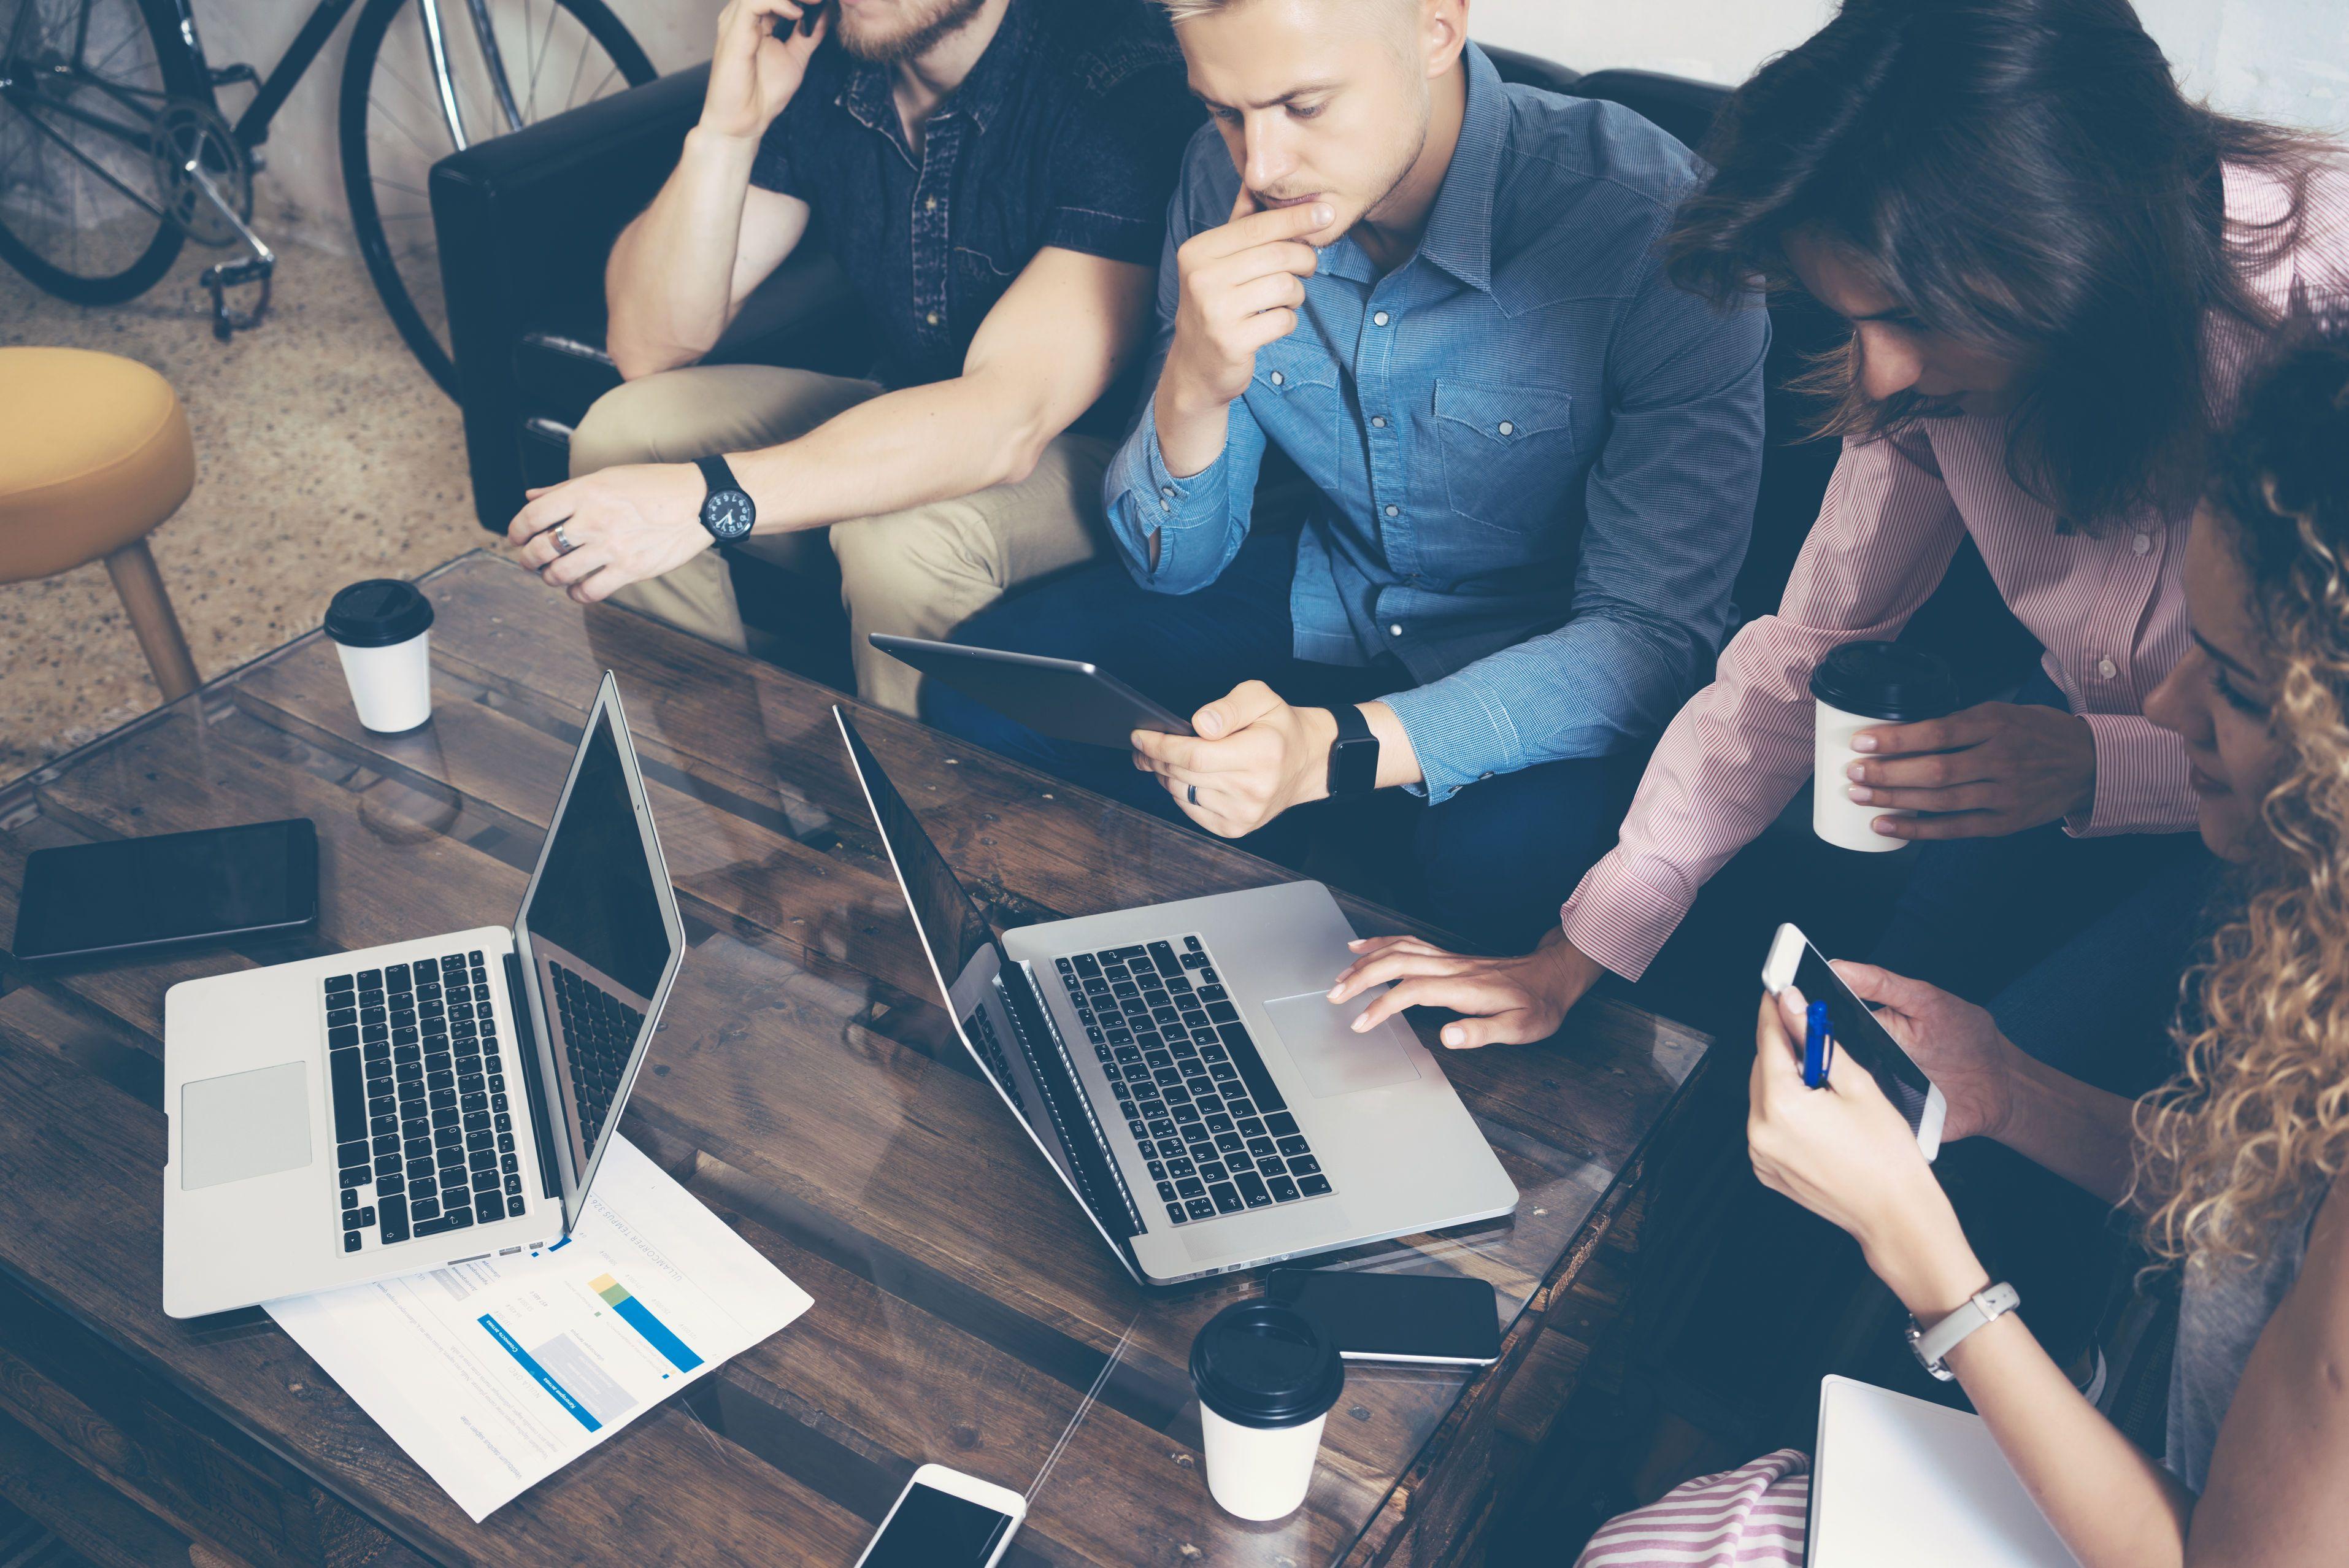 Spațiu de lucru la comun. Mai mulți tineri care lucrează pe laptopuri și tablete la un proiect comun.